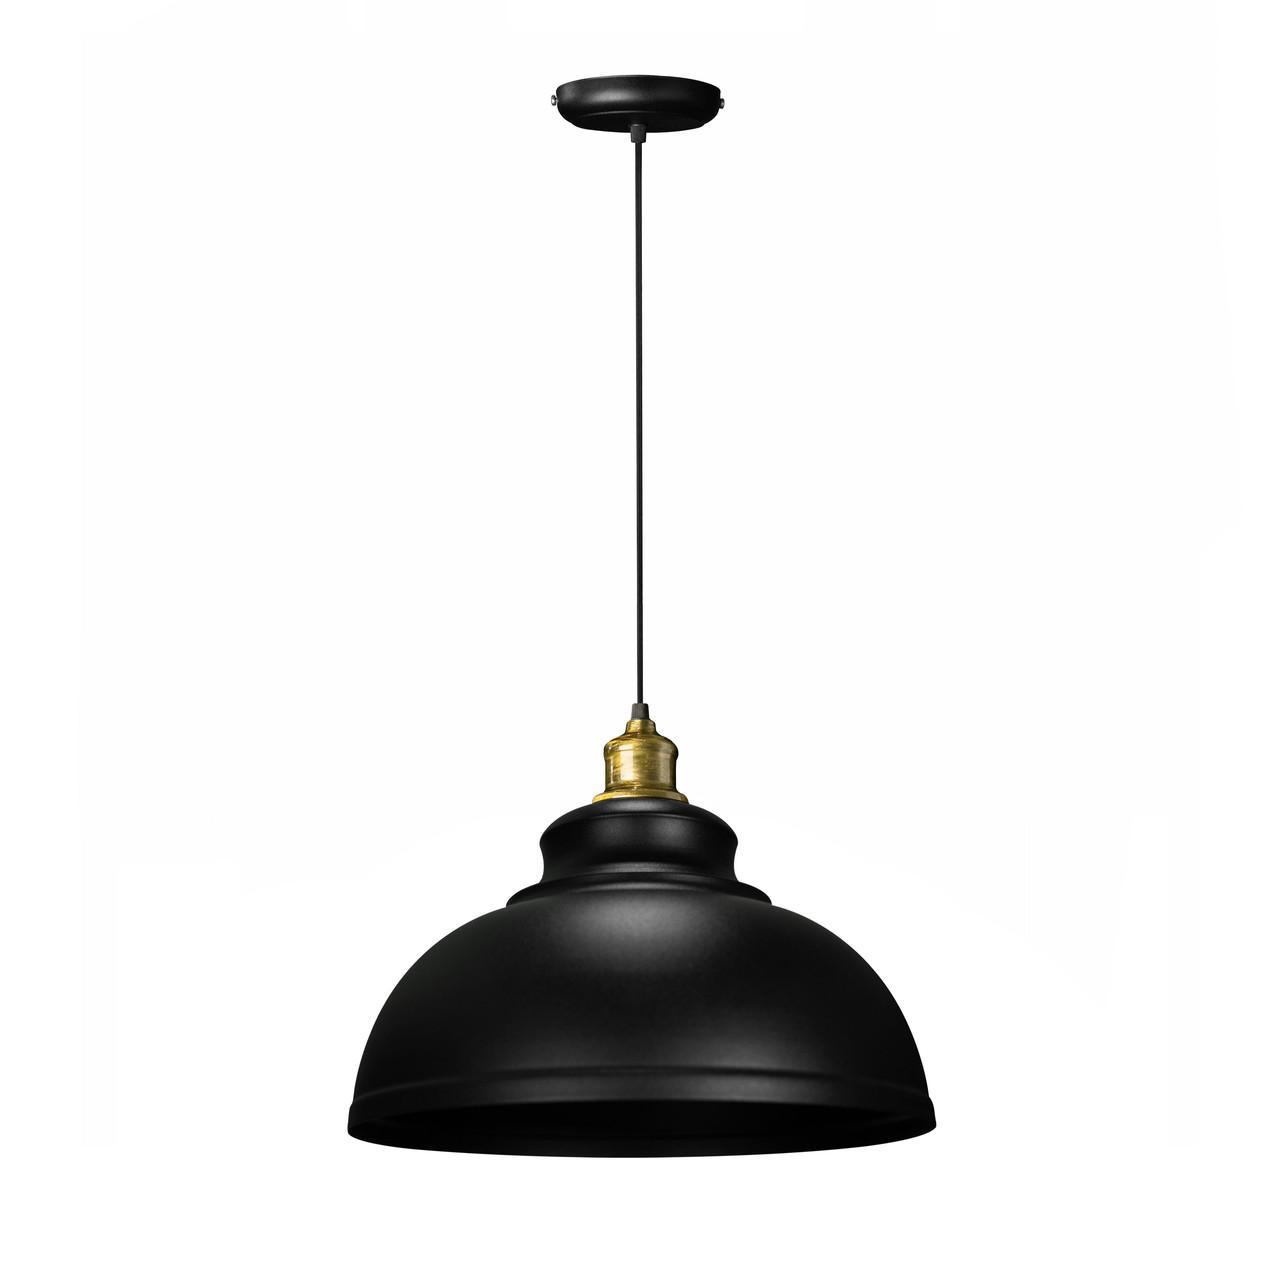 Світильник підвісний в стилі лофт NL 360 MSK Electric